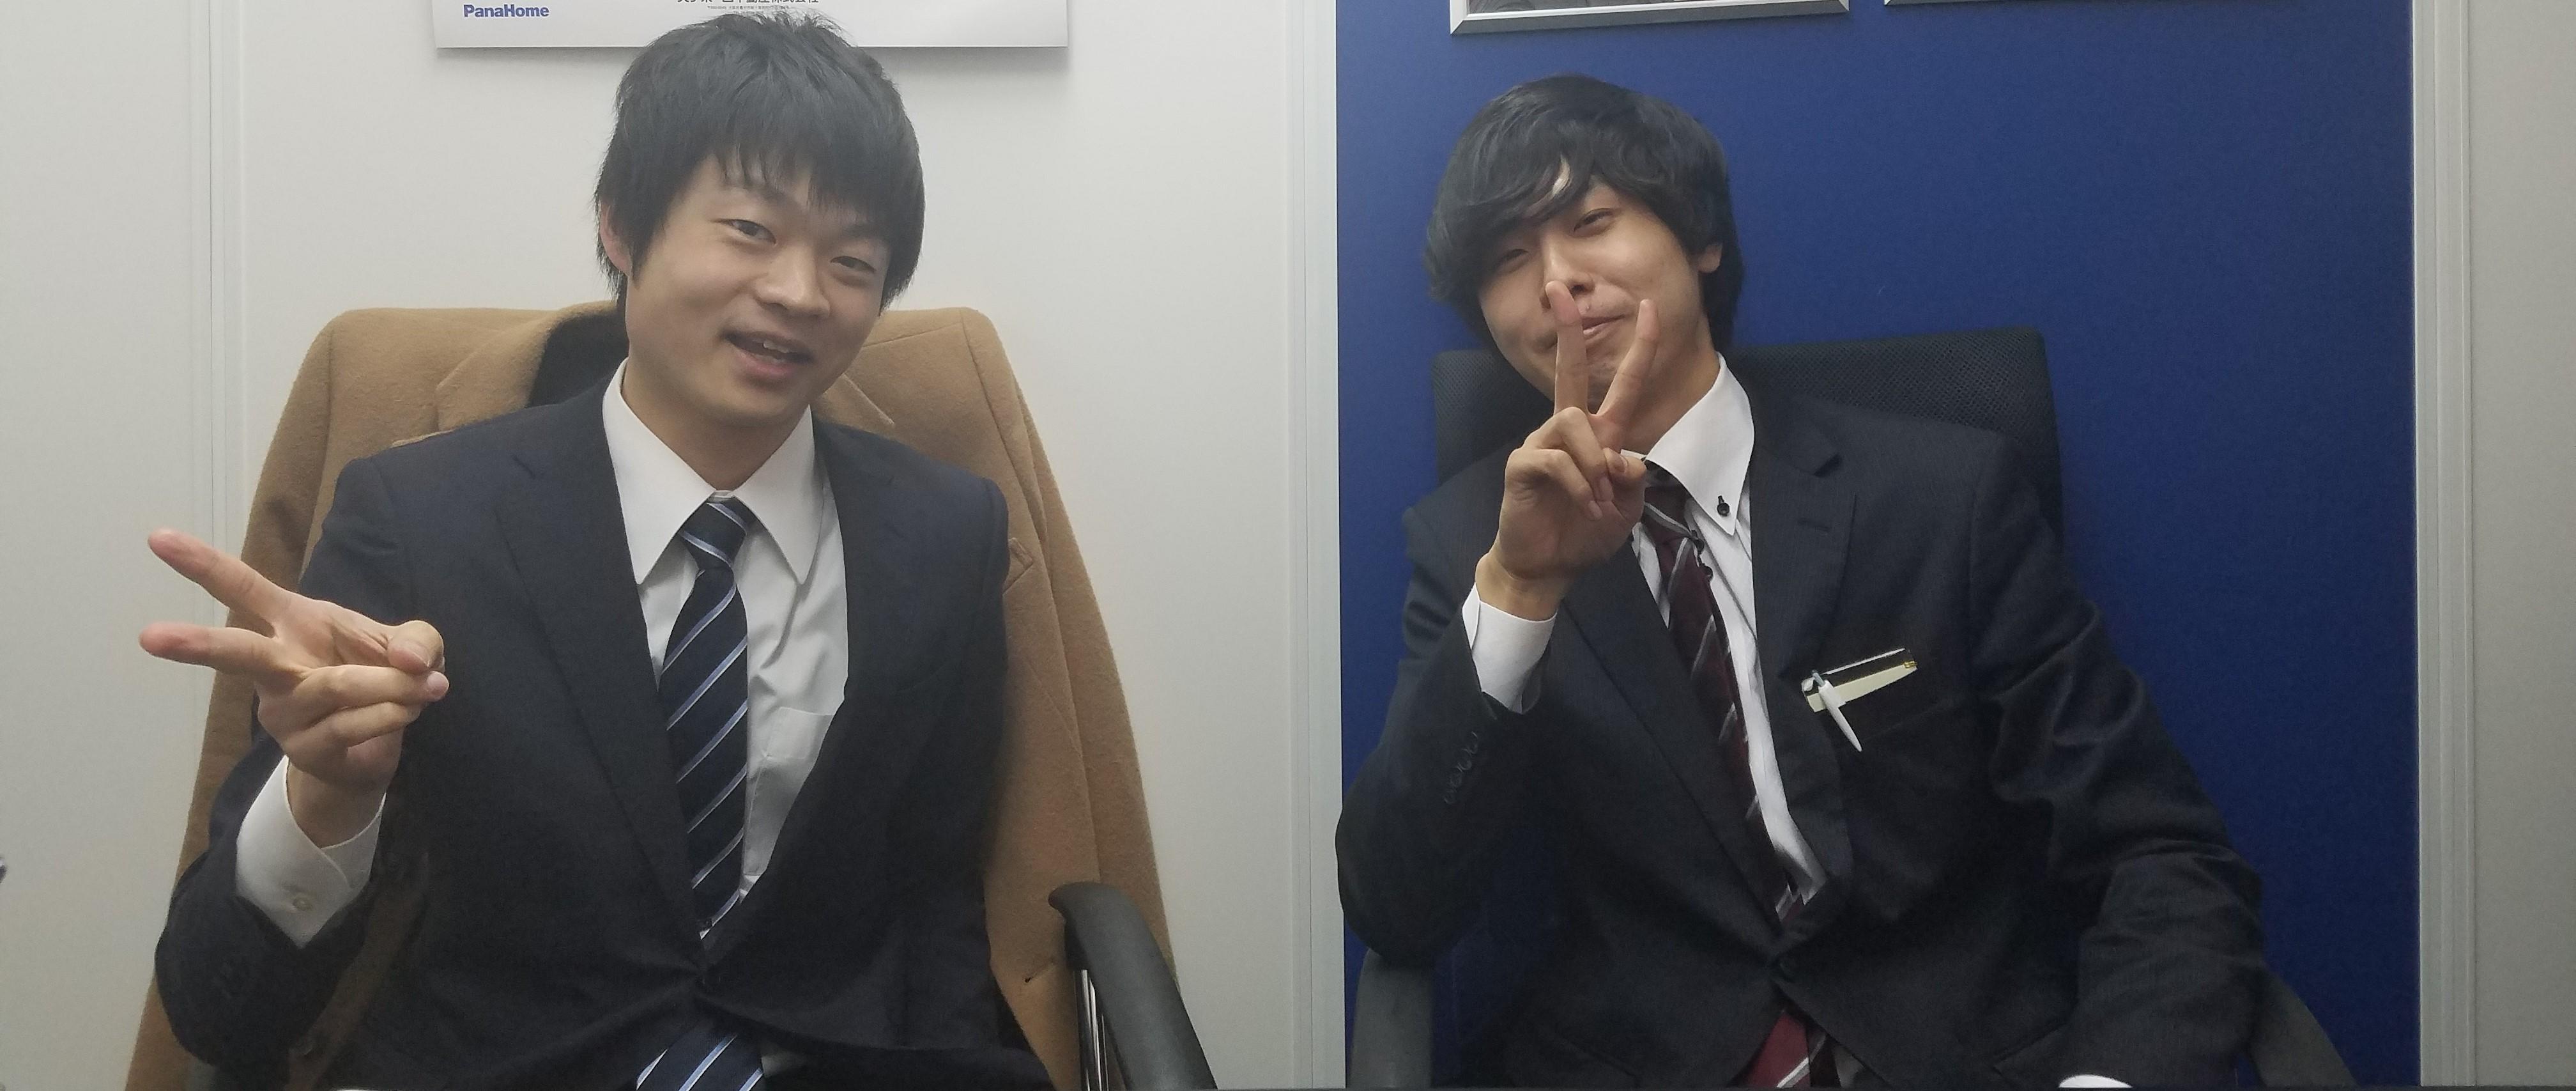 弊社でのインターンを卒業した田中さん、Kさんにインタビューをしました!